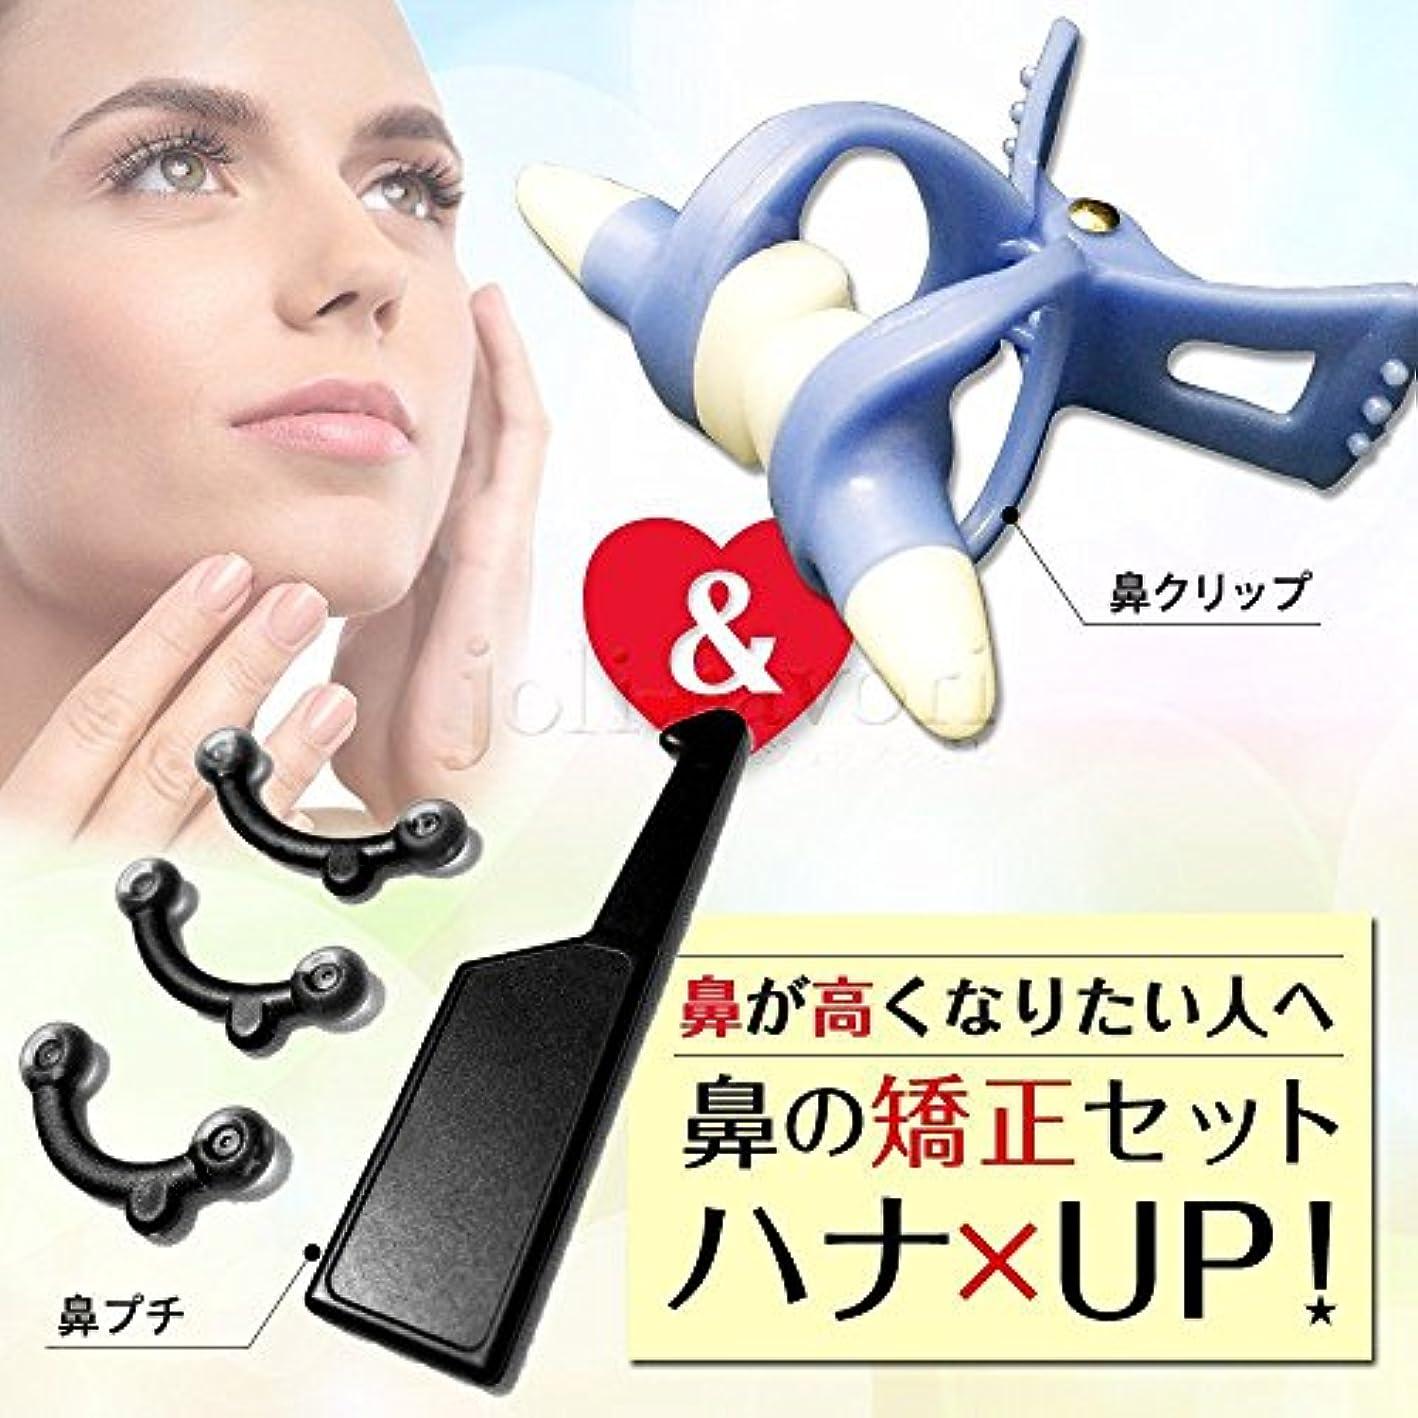 有効雇った注ぎます【jolifavori】鼻プチ&ノーズアップ 着けるだけ簡単!鼻メイク矯正セット